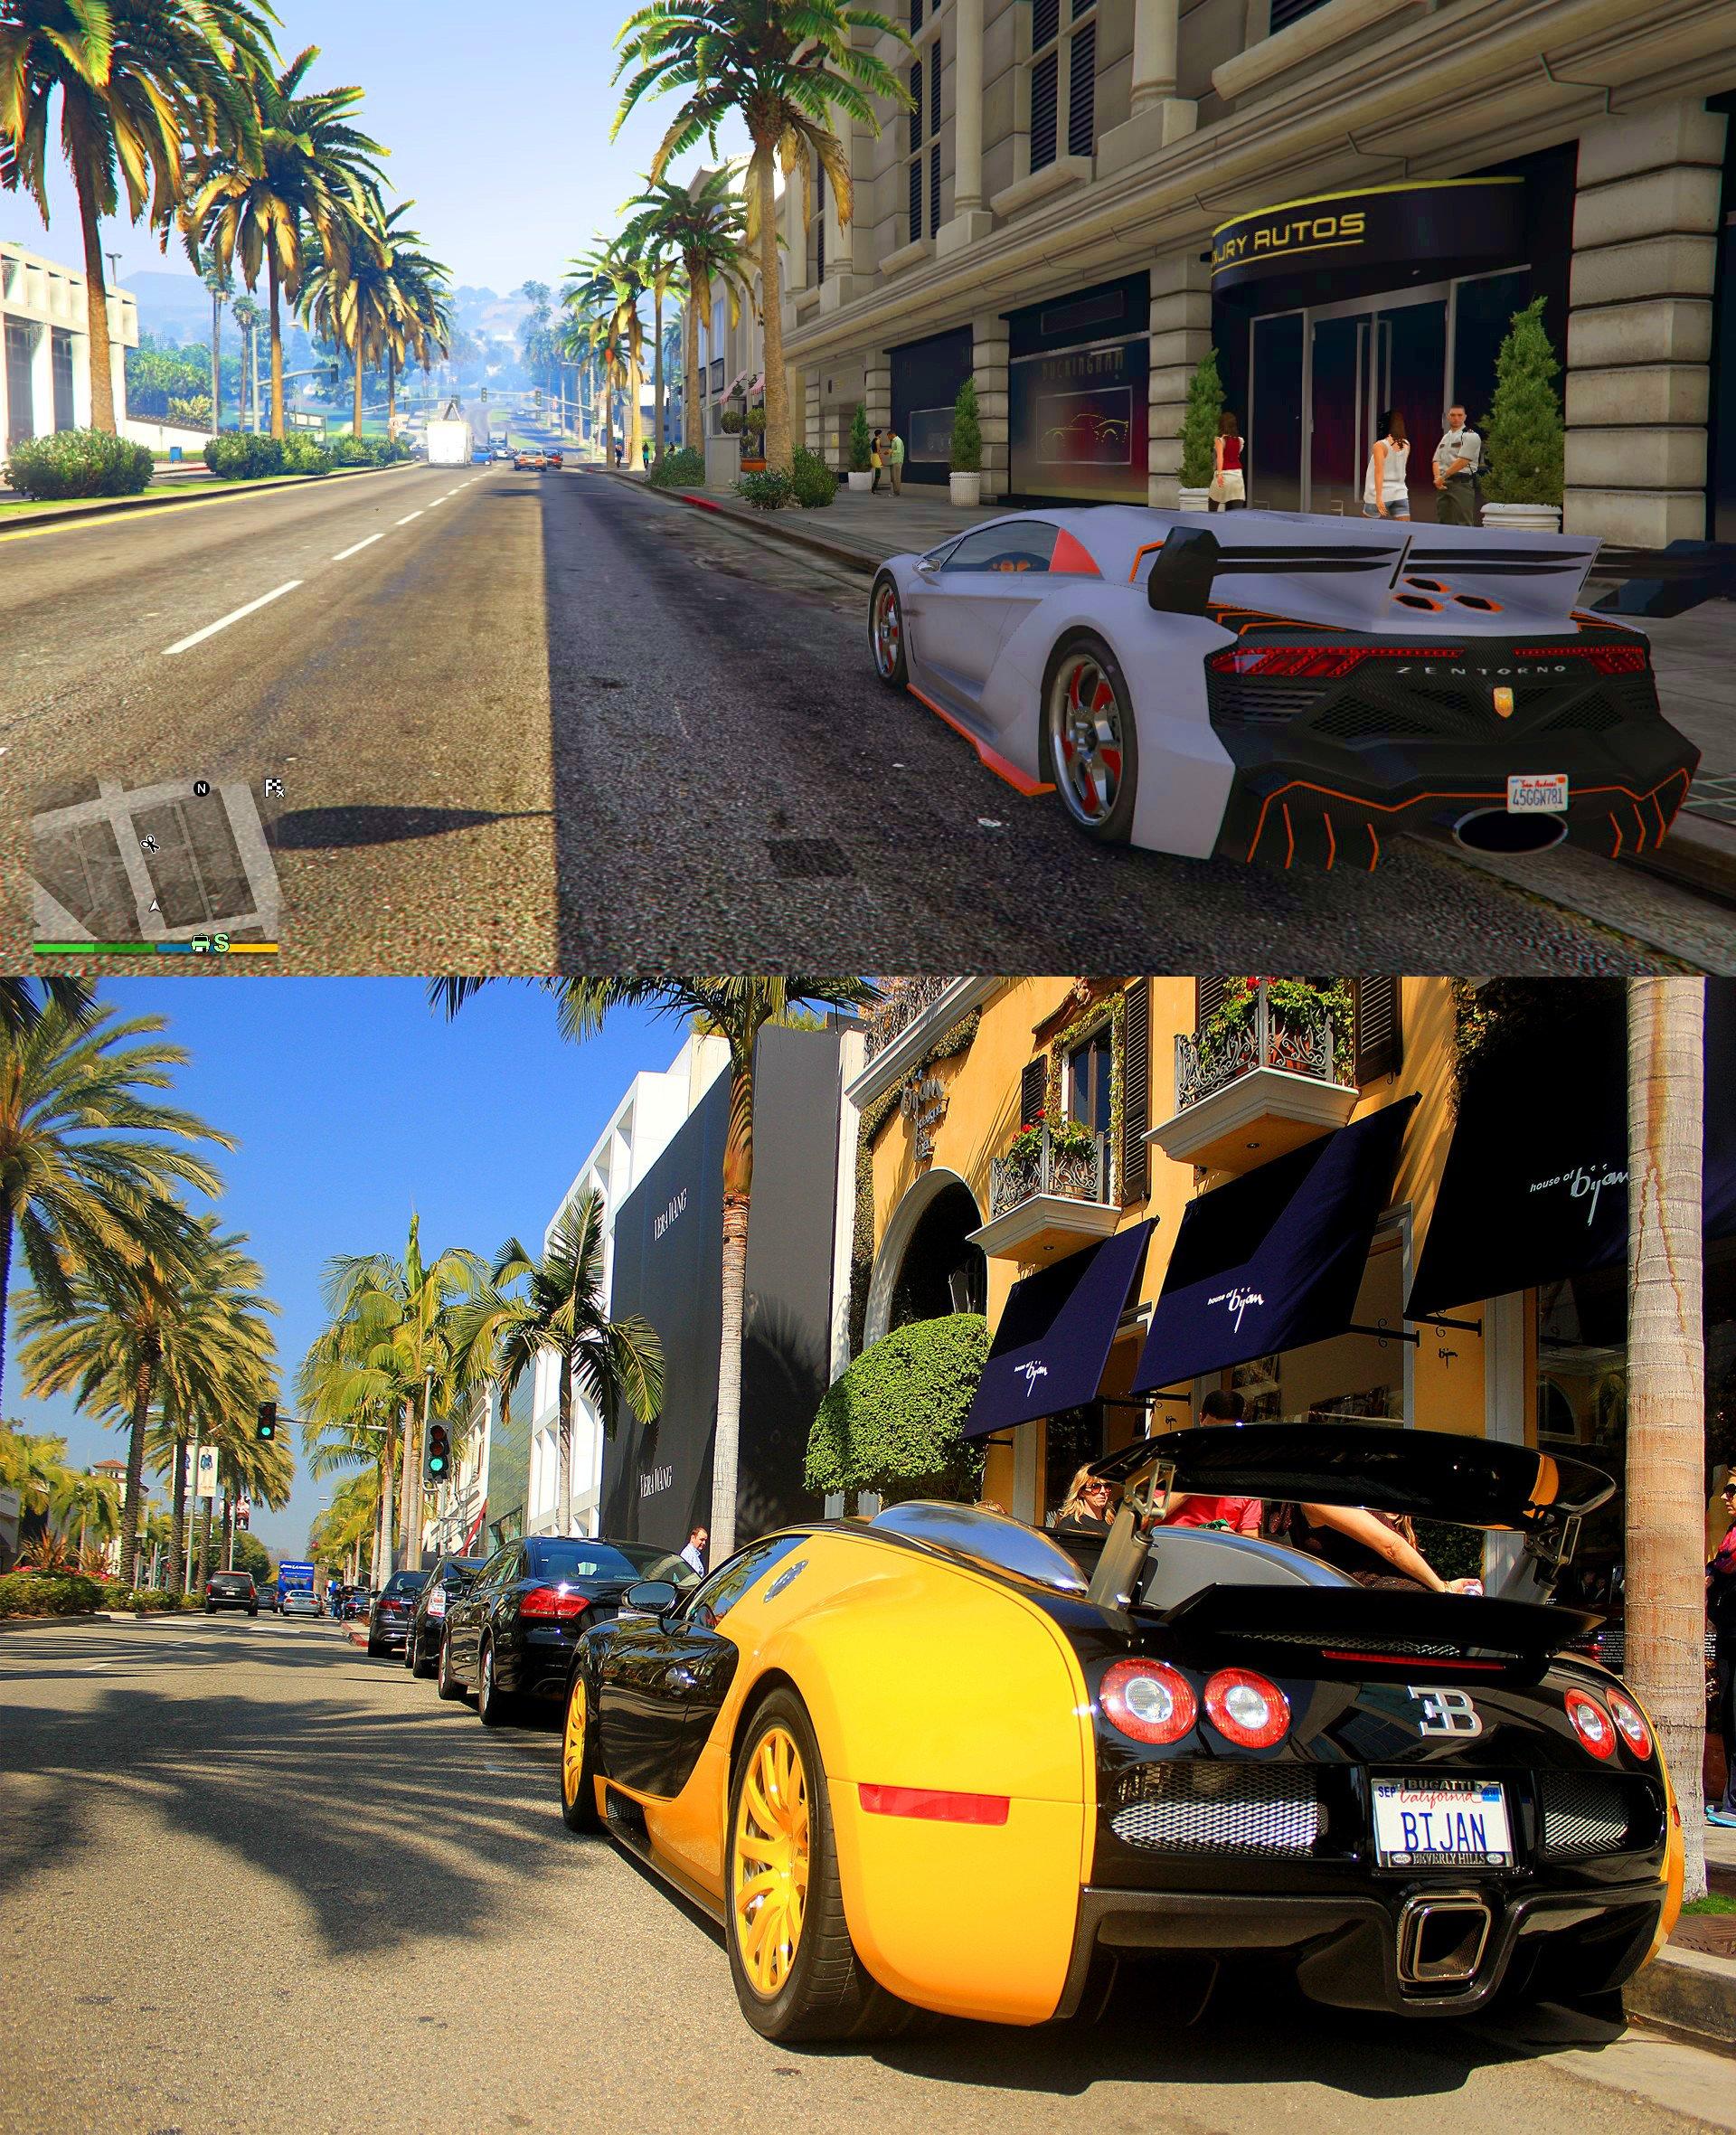 GTA V vs Реальность - Изображение 11